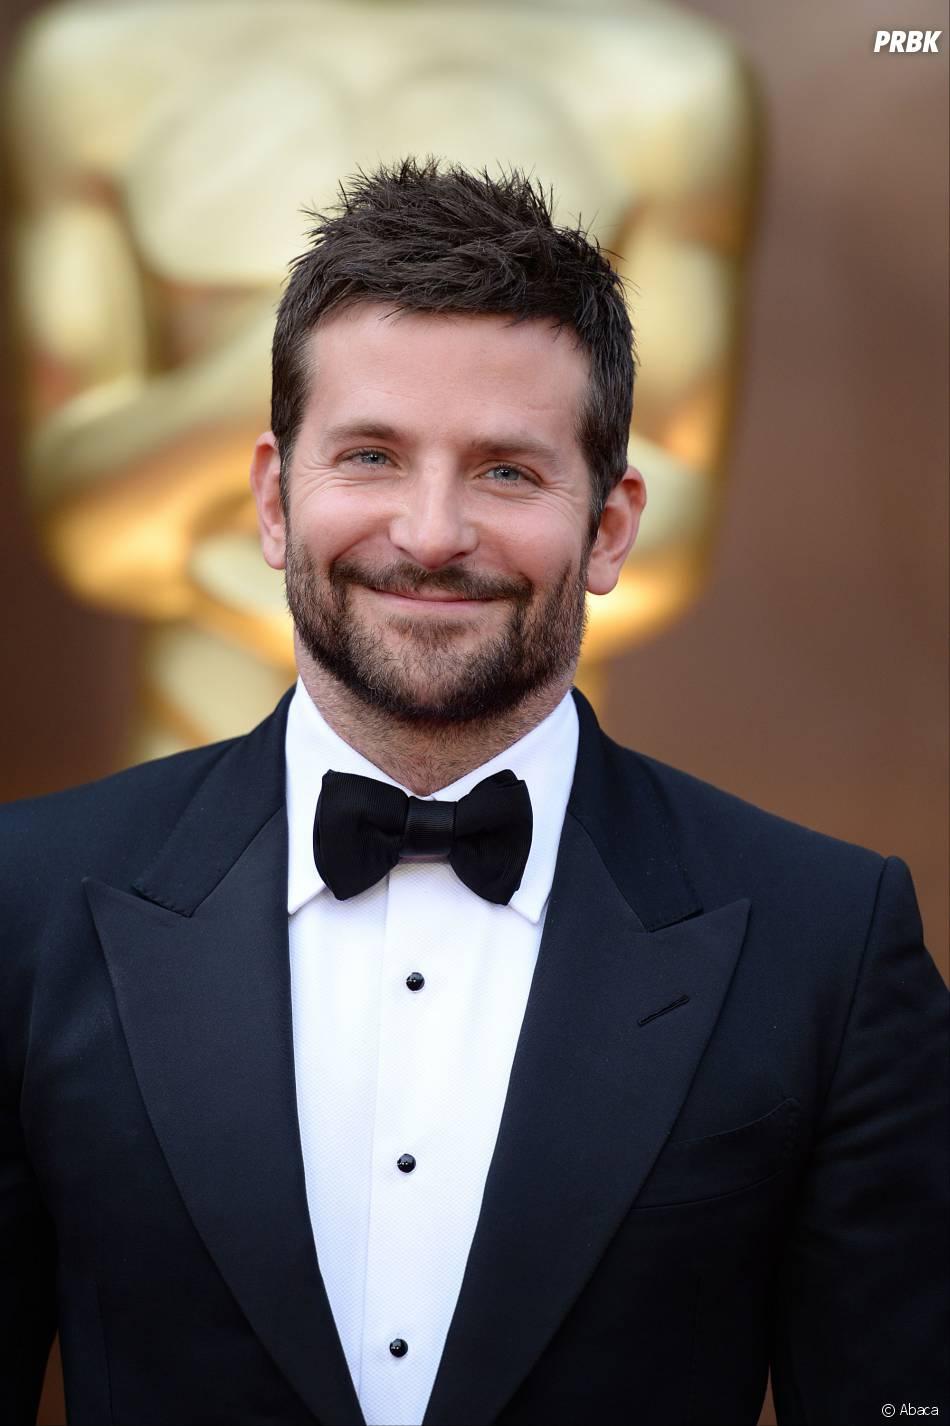 Bradley Cooper sur le tapis-rouge des Oscars le 2 mars 2014